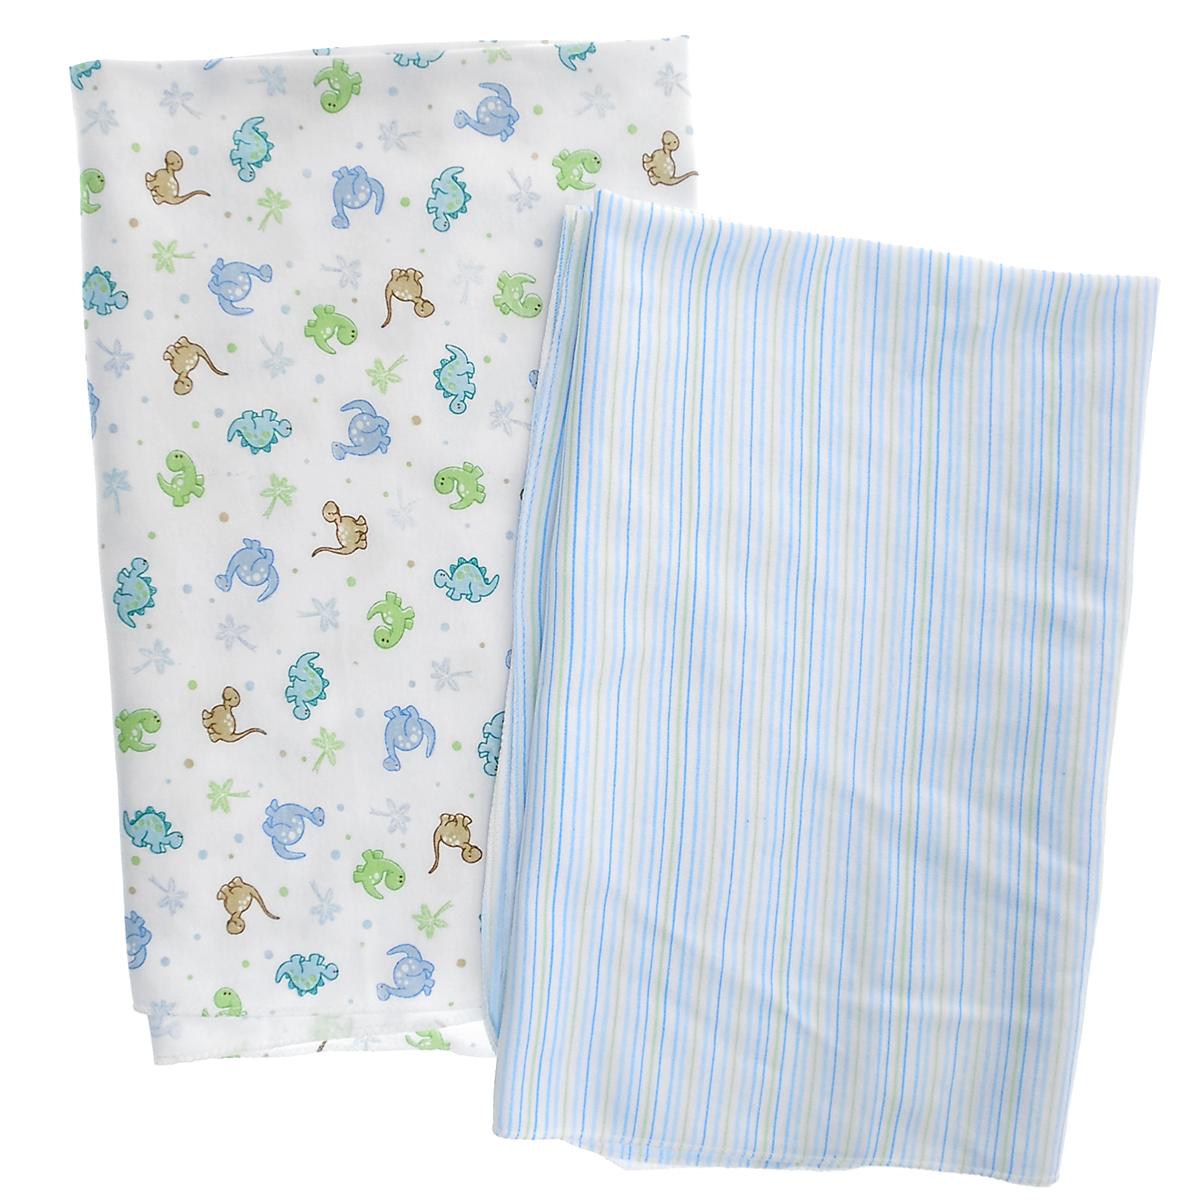 Набор пеленок Spasilk Дино, для мальчика, цвет: голубой, 76 см х 101 см, 2 шт9-162Набор пеленок для новорожденного Spasilk Дино станет незаменимым помощником в уходе за ребенком. Пеленку также можно использовать как легкое одеяло, простынку, полотенце после купания, солнечный козырек, накидку для кормления грудью или как согревающий компресс при коликах. Пеленки изготовлены из стопроцентного хлопка, благодаря чему они мягкие, приятные на ощупь и абсолютно безопасны для малыша. В набор входят две пеленки: в голубую и салатовую полоски и оформленная изображениями динозавриков. Характеристики: Материал: 100% хлопок. Размер пеленки: 76 см x 101 см. Изготовитель: Китай.